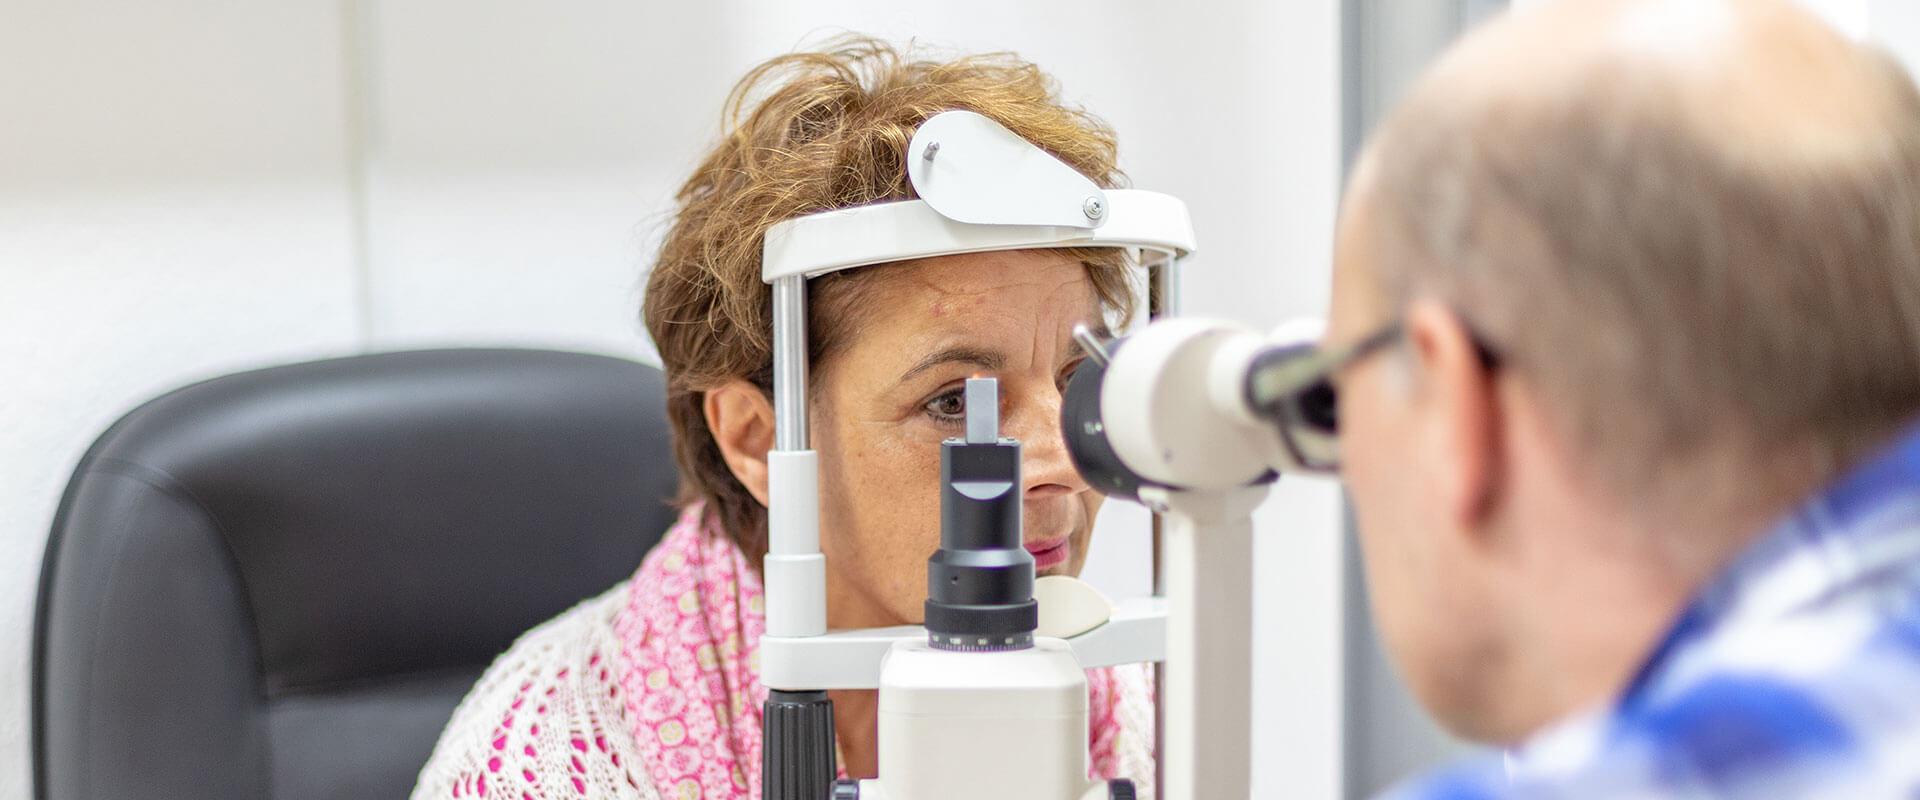 Augencheck | Weitmarer Brillenstudio |Sehzentrum für Augenoptik und Augenscreening